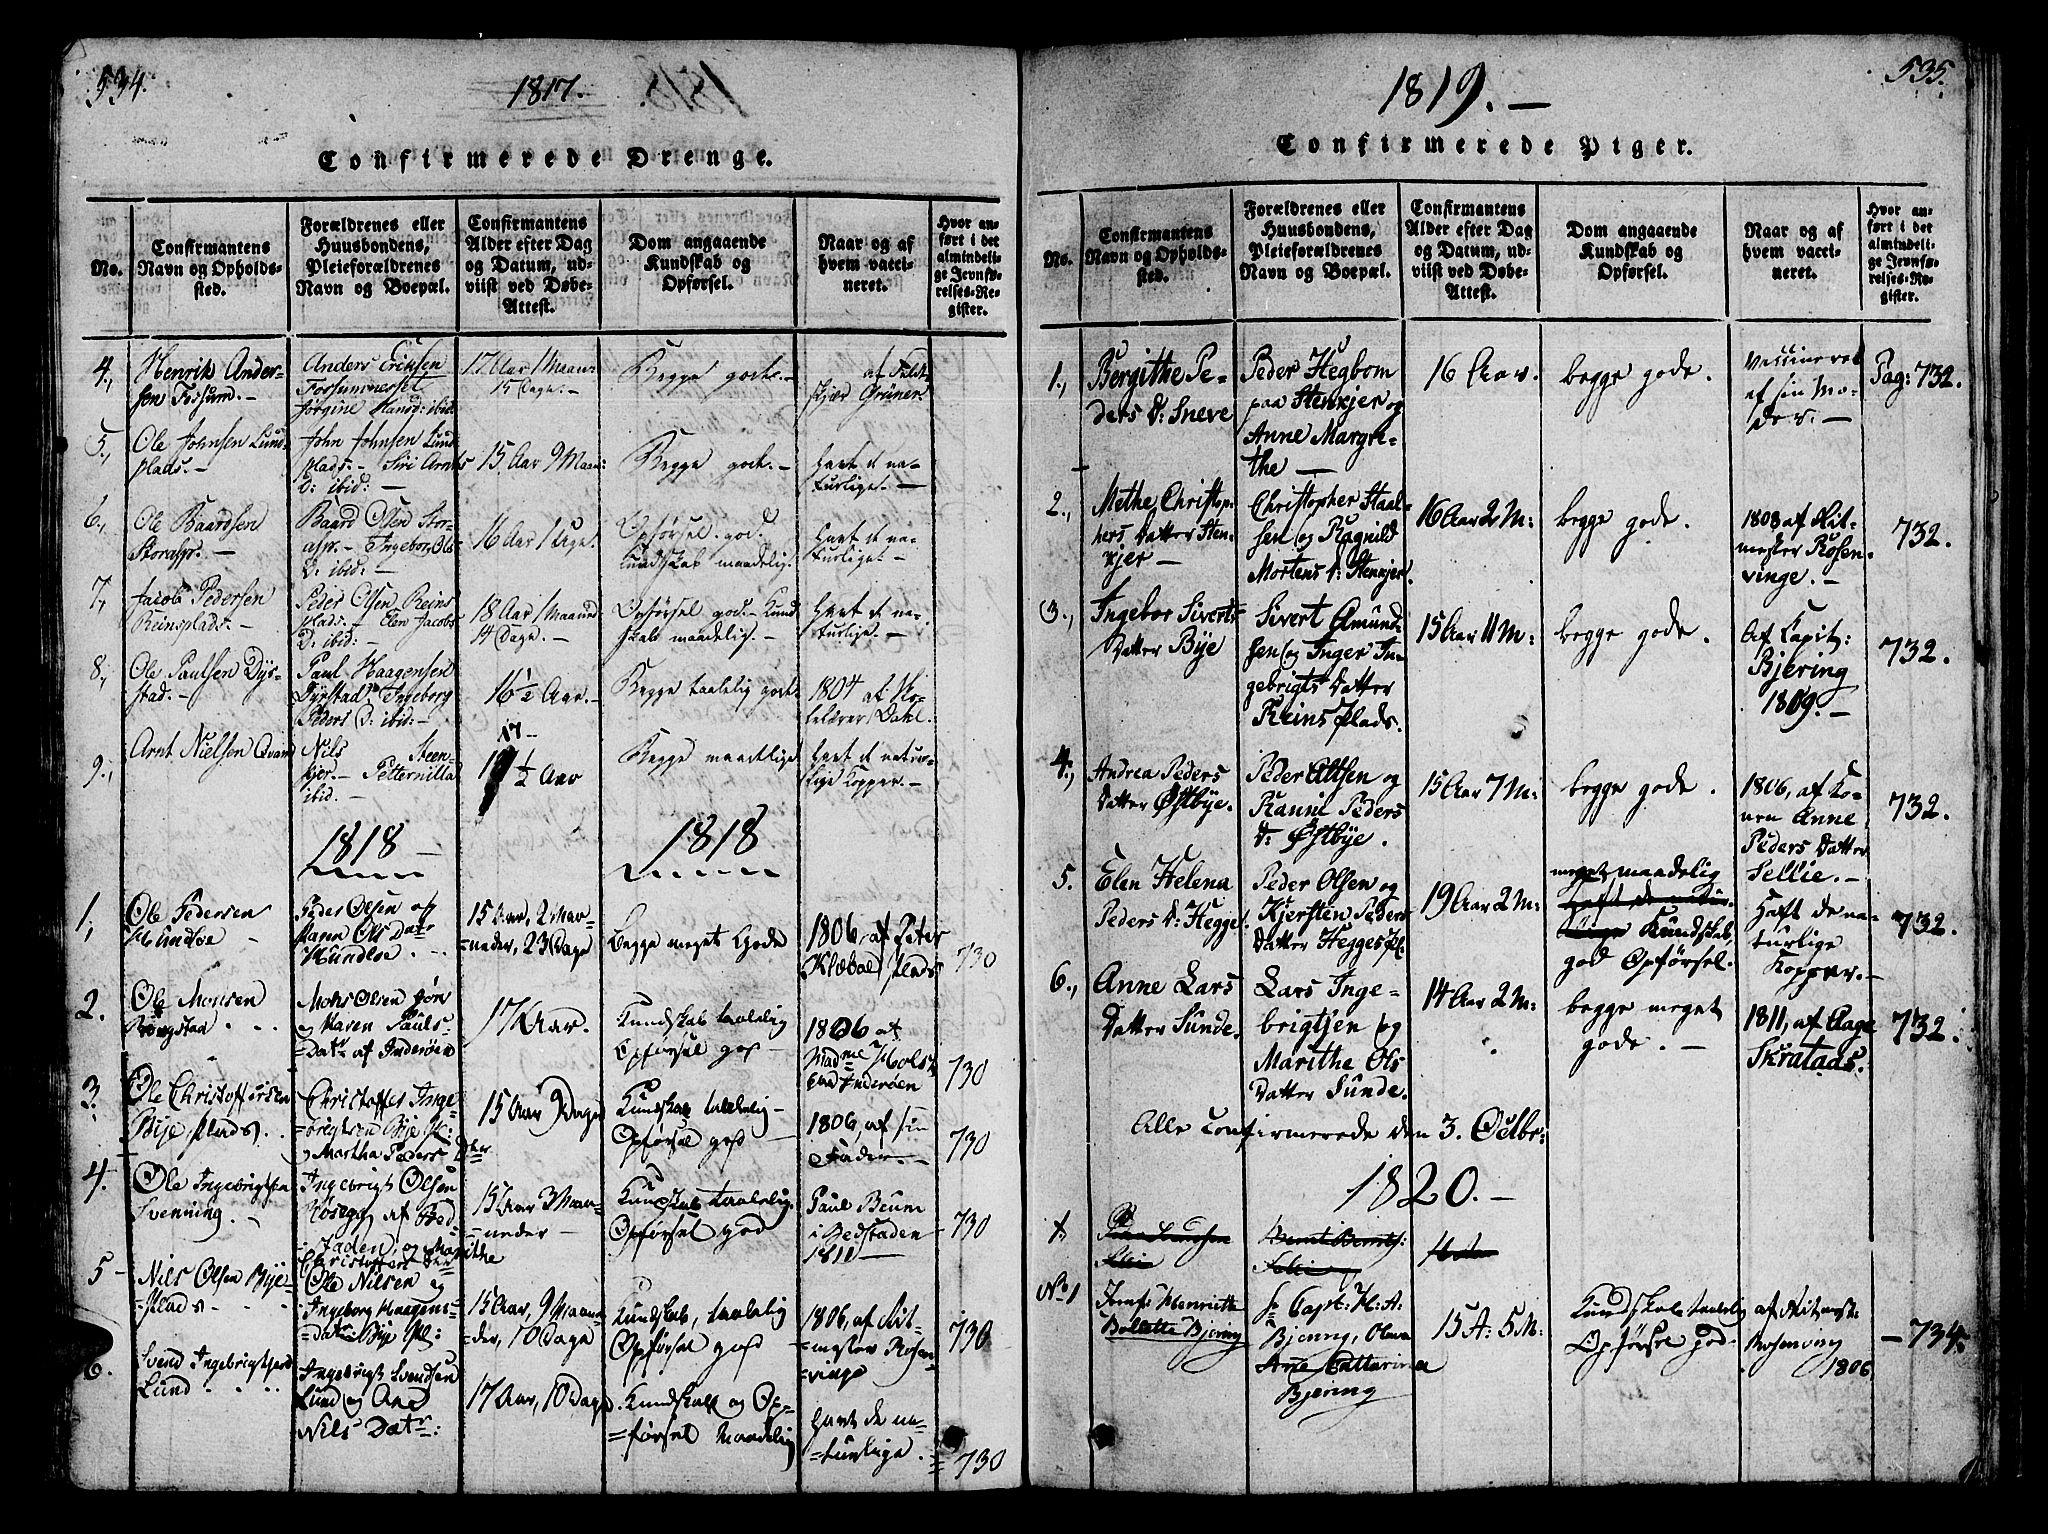 SAT, Ministerialprotokoller, klokkerbøker og fødselsregistre - Nord-Trøndelag, 746/L0441: Ministerialbok nr. 736A03 /3, 1816-1827, s. 534-535